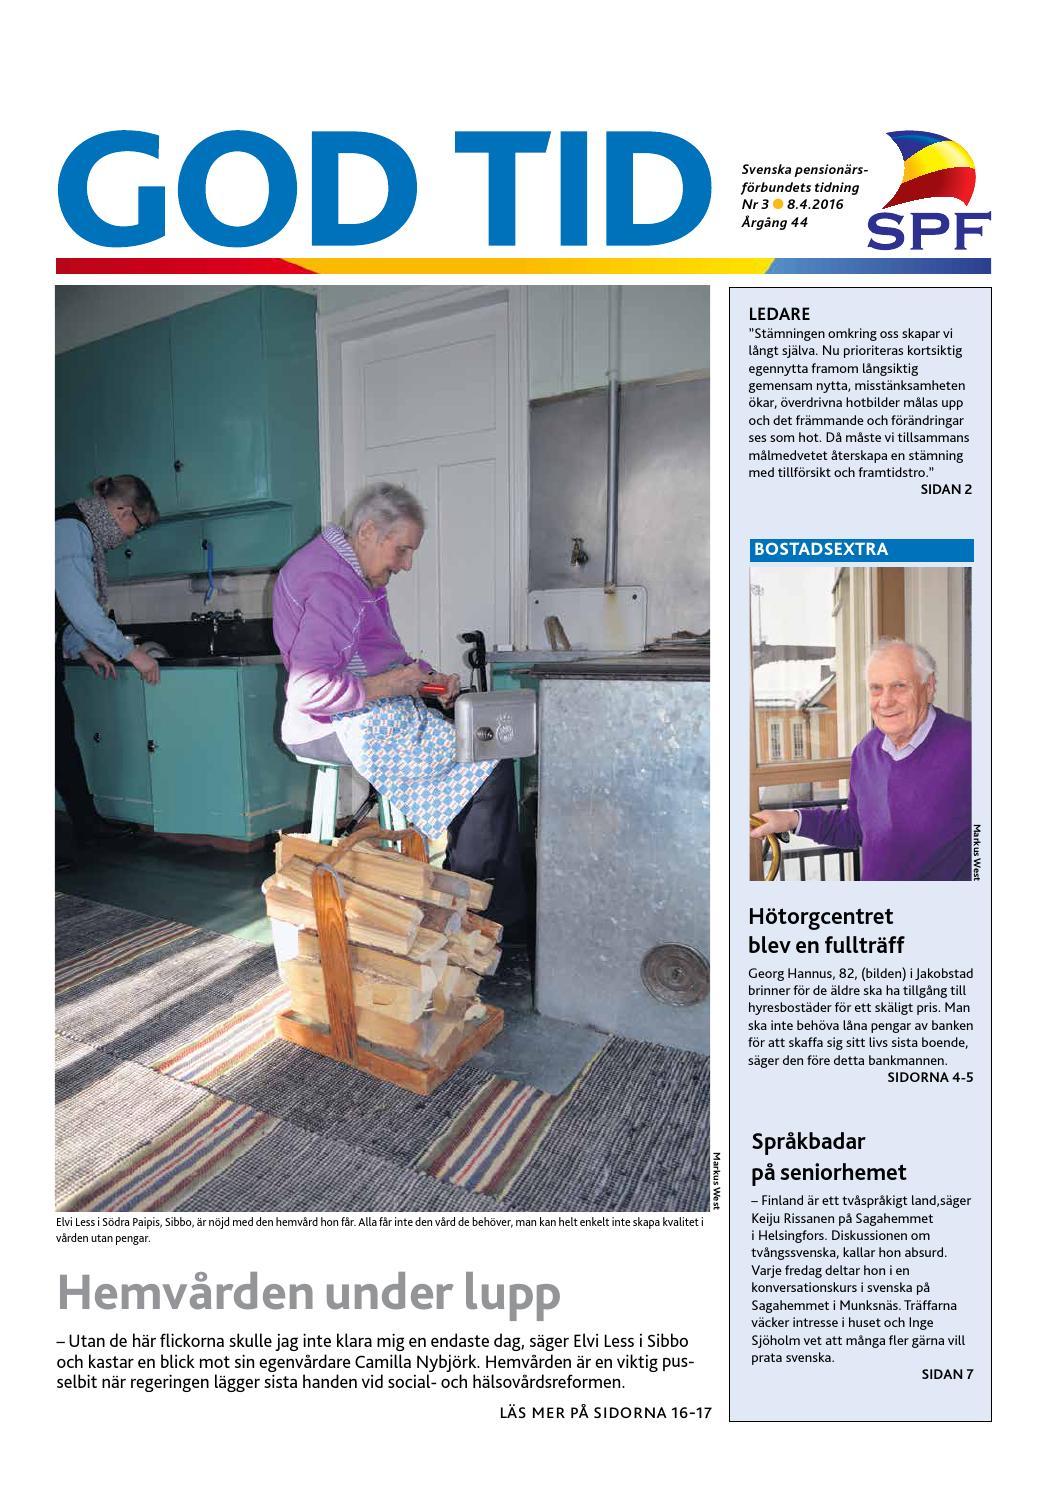 Gt0216 by Svenska pensionärsförbundet, God Tid - issuu